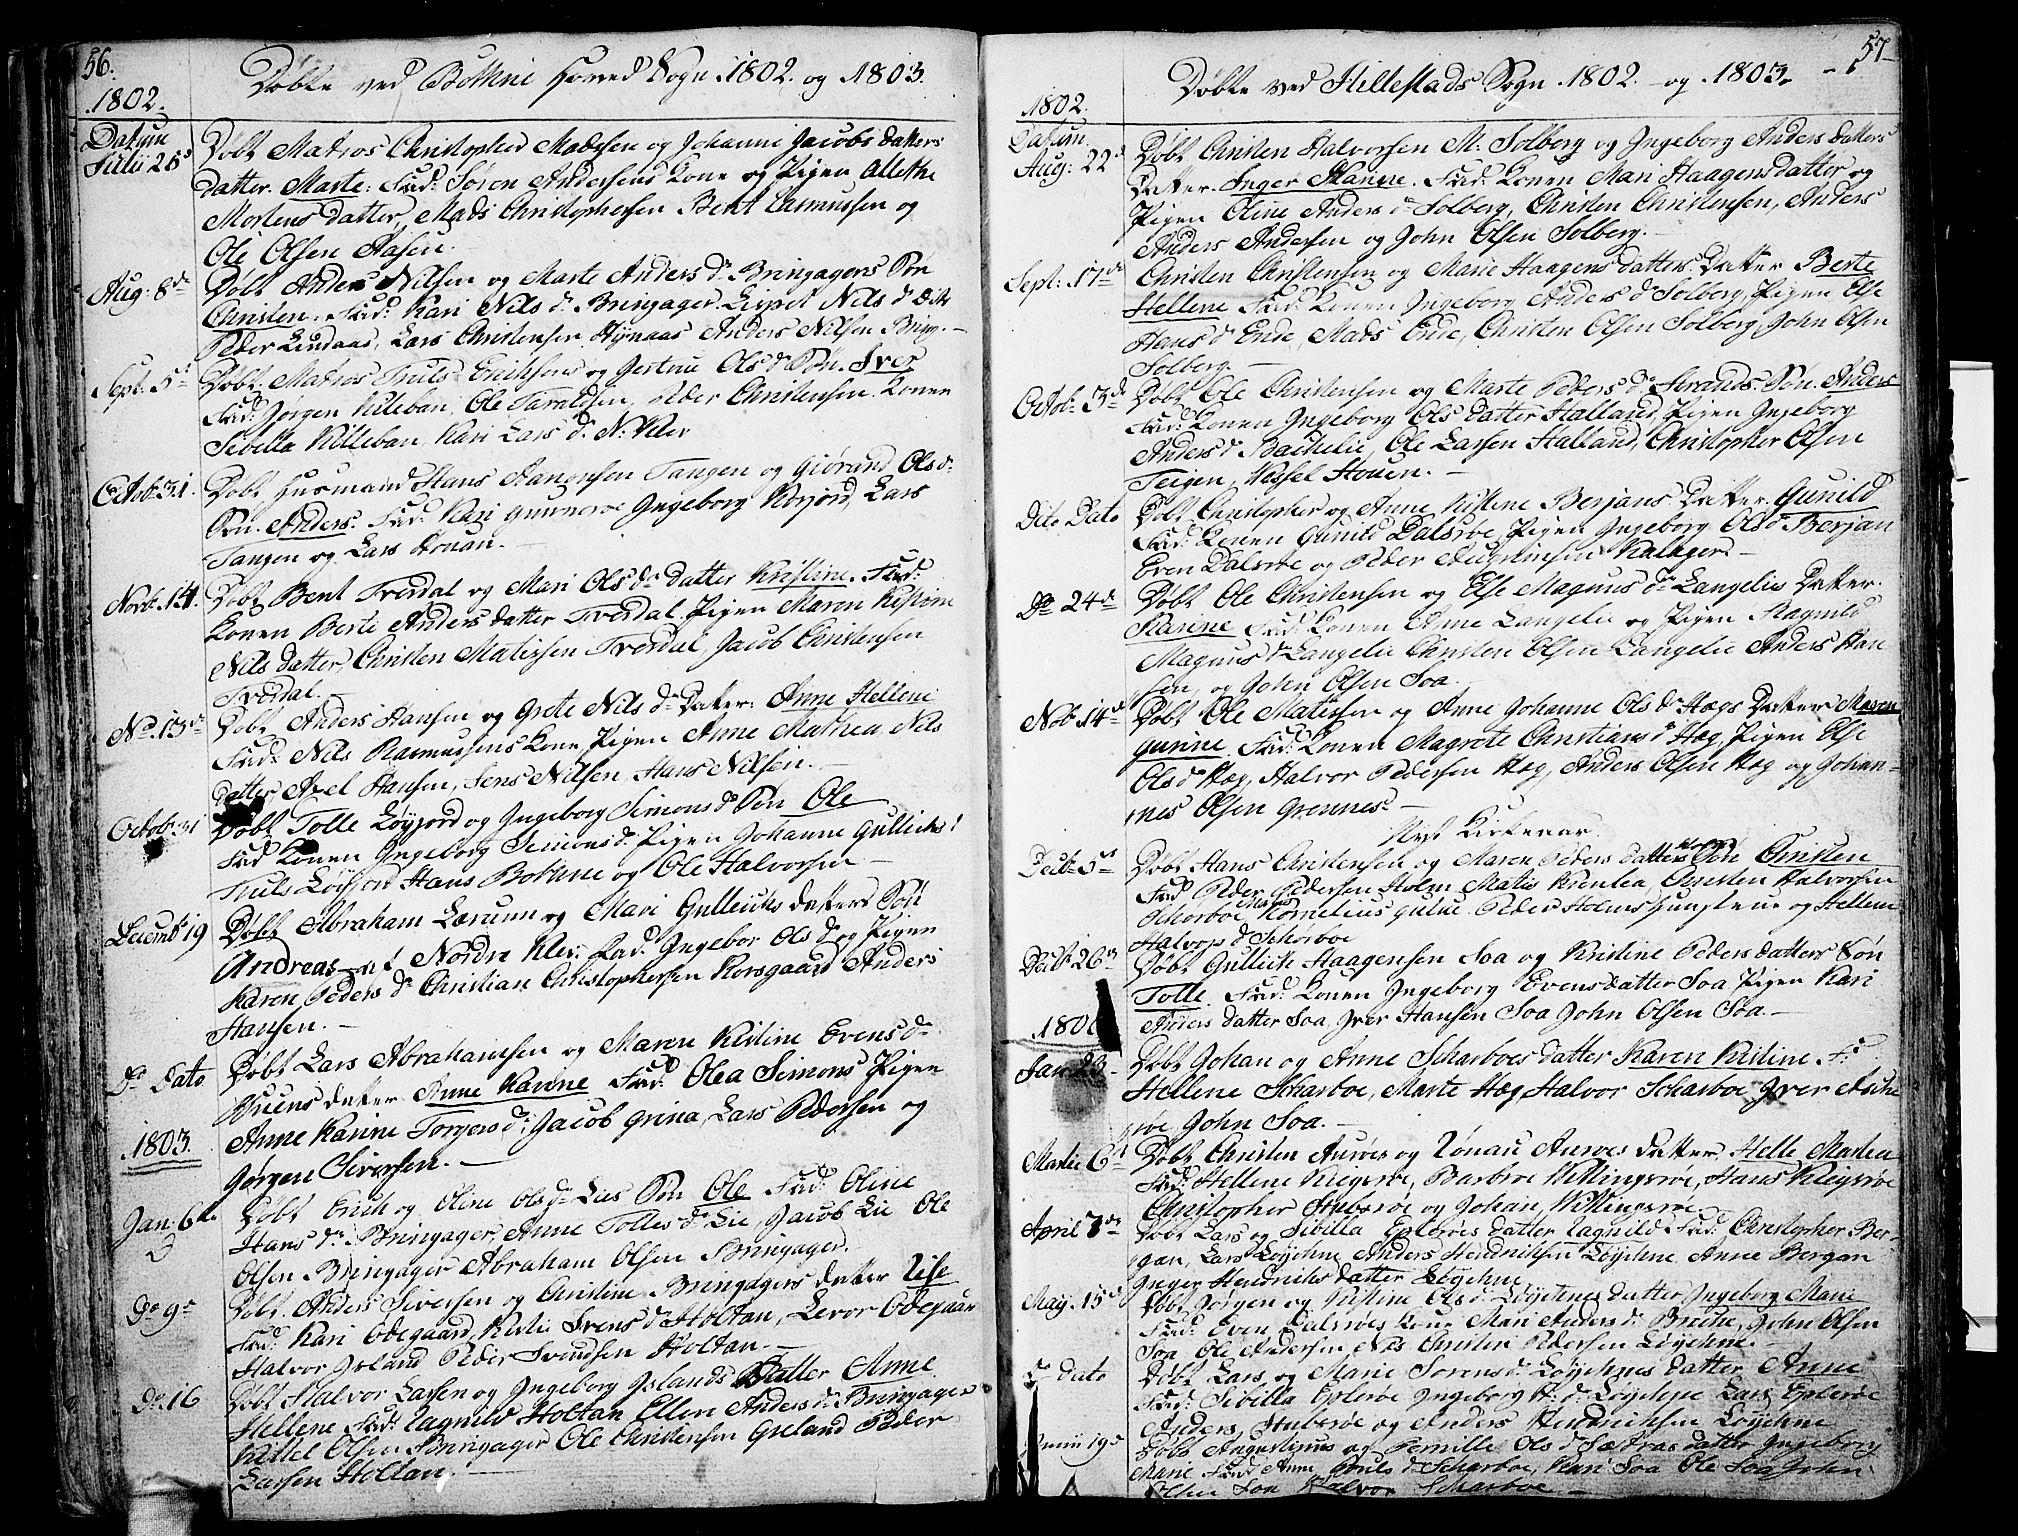 SAKO, Botne kirkebøker, F/Fa/L0003: Ministerialbok nr. I 3 /1, 1792-1844, s. 56-57